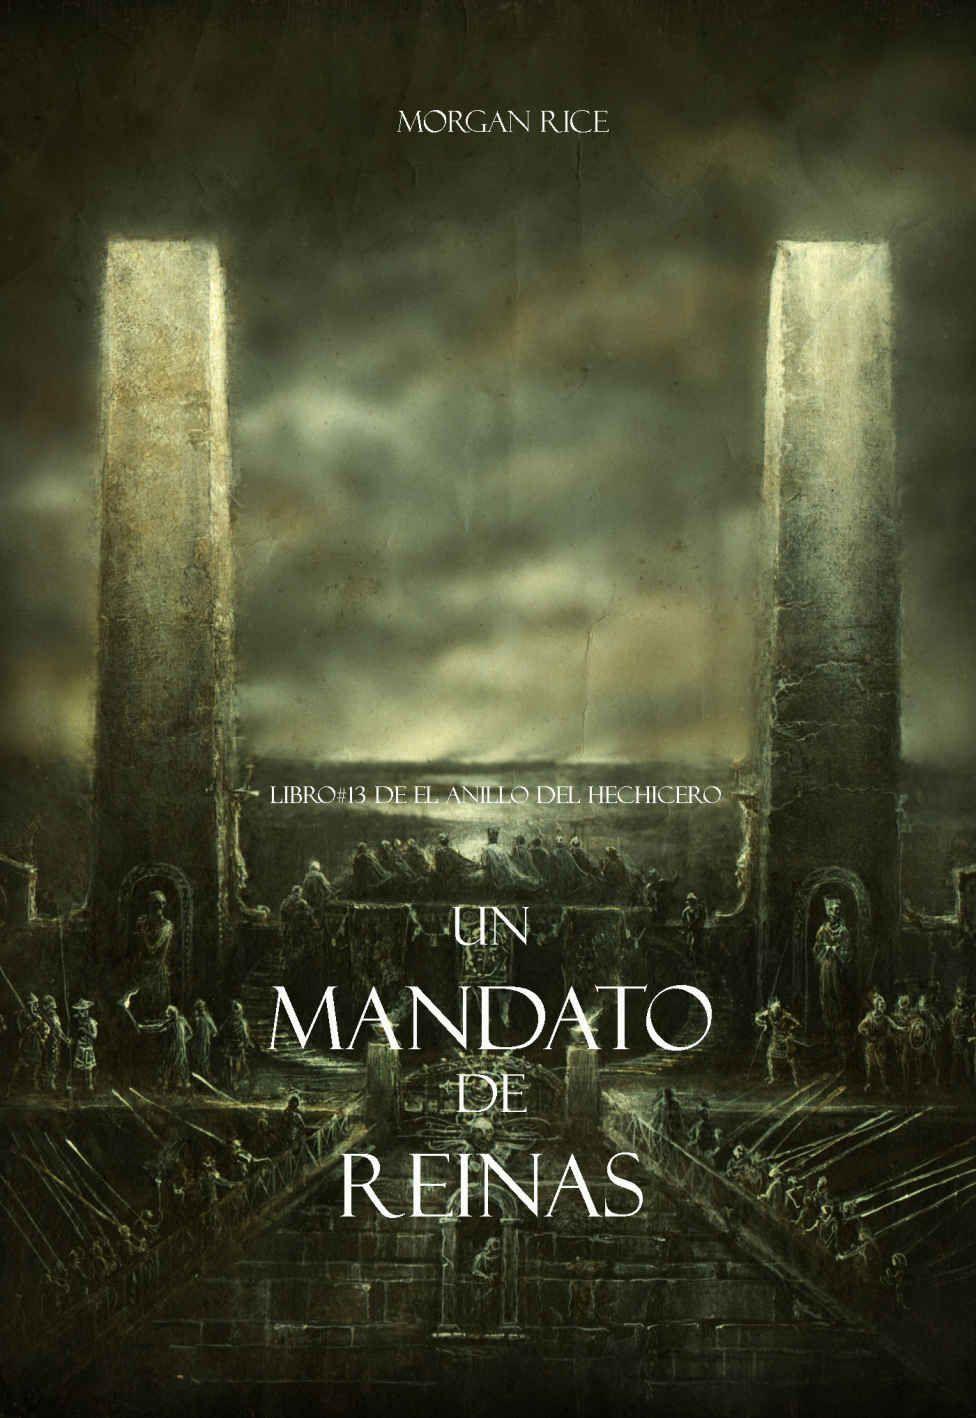 Un Mandato De Reinas (Libro #13 De El Anillo Del Hechicero) EBook: Morgan Rice: Amazon.es ... @tataya.com.mx